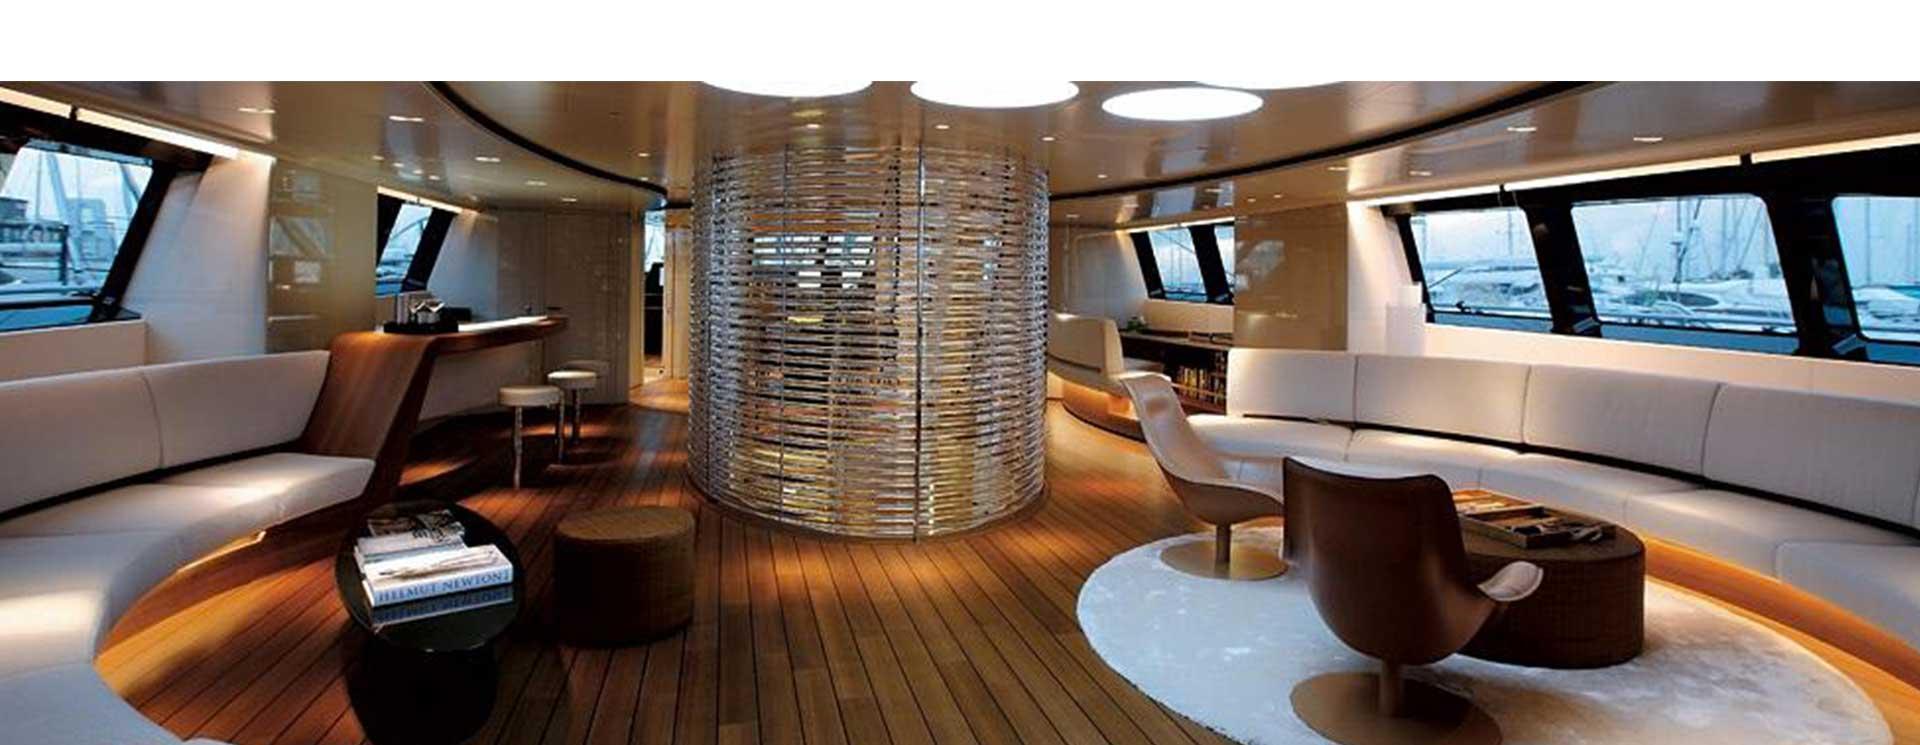 una sala con due divani a curva in una barca